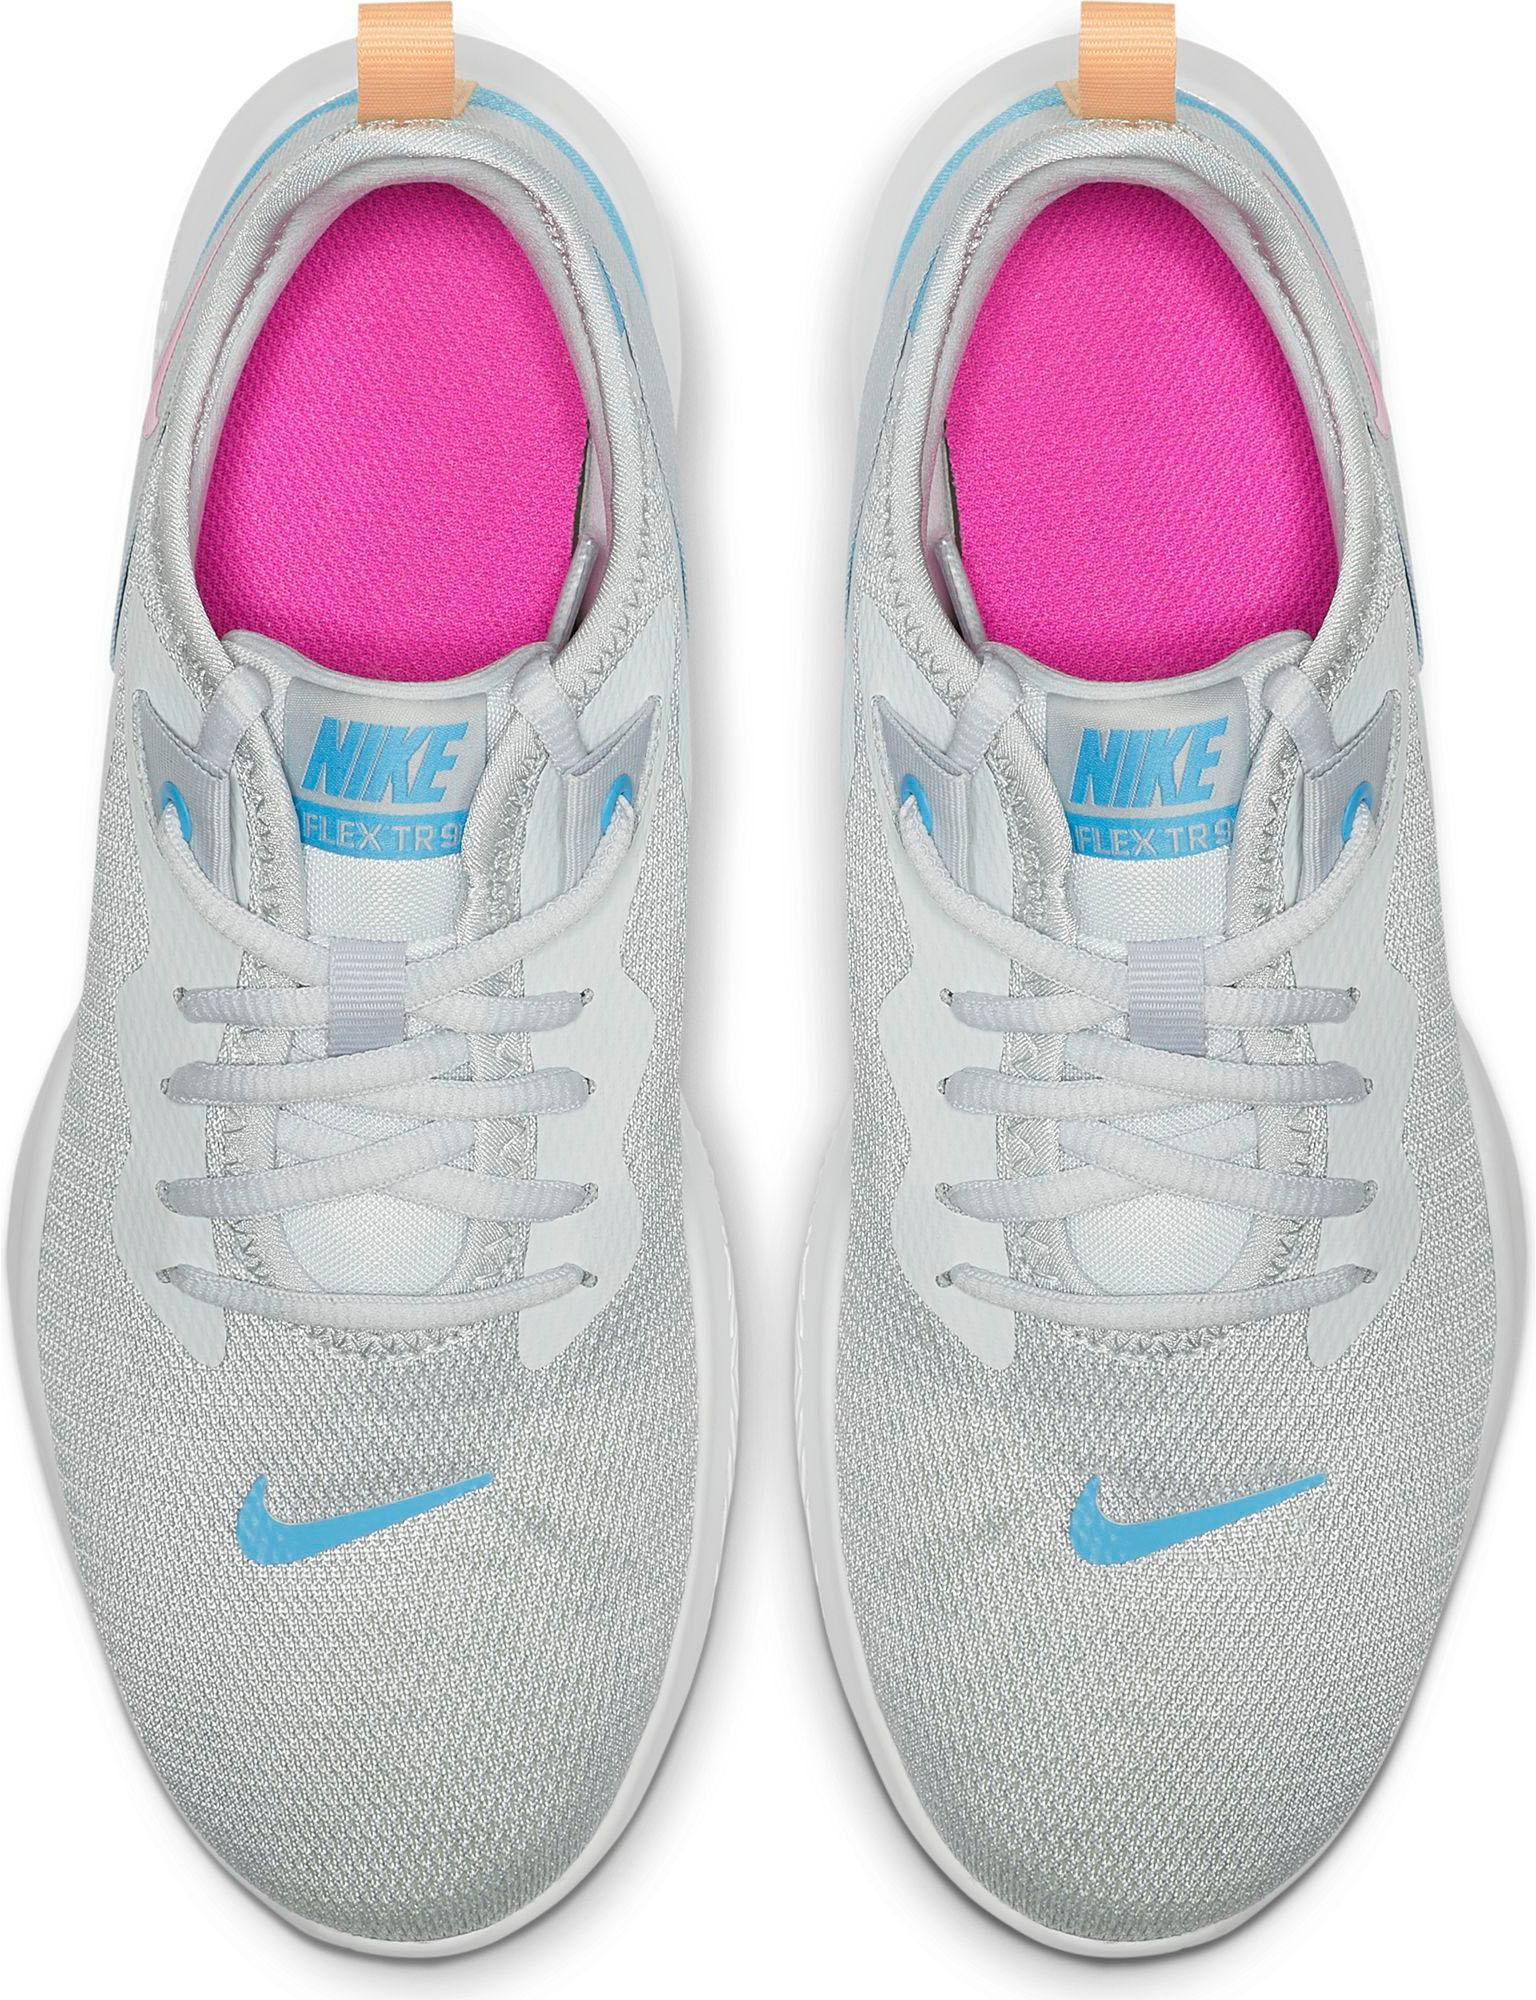 Nike Flex Trainer 9 Fitnessschuhe Damen pure platinum laser fuchsia white blue im Online Shop von SportScheck kaufen